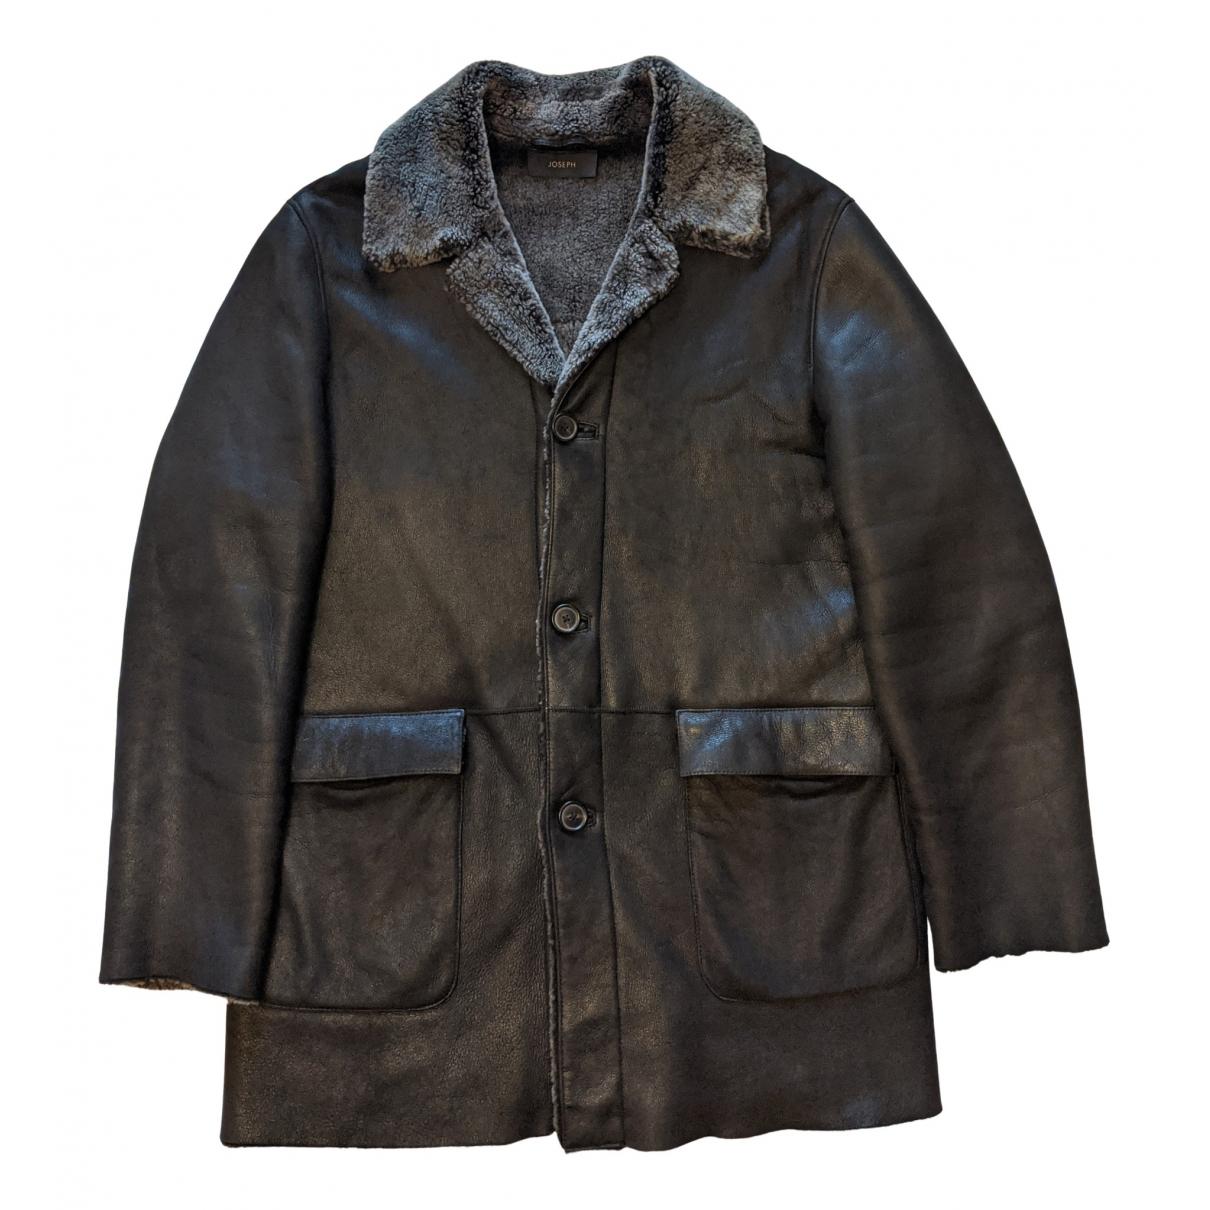 Joseph - Manteau   pour homme en mouton - marron